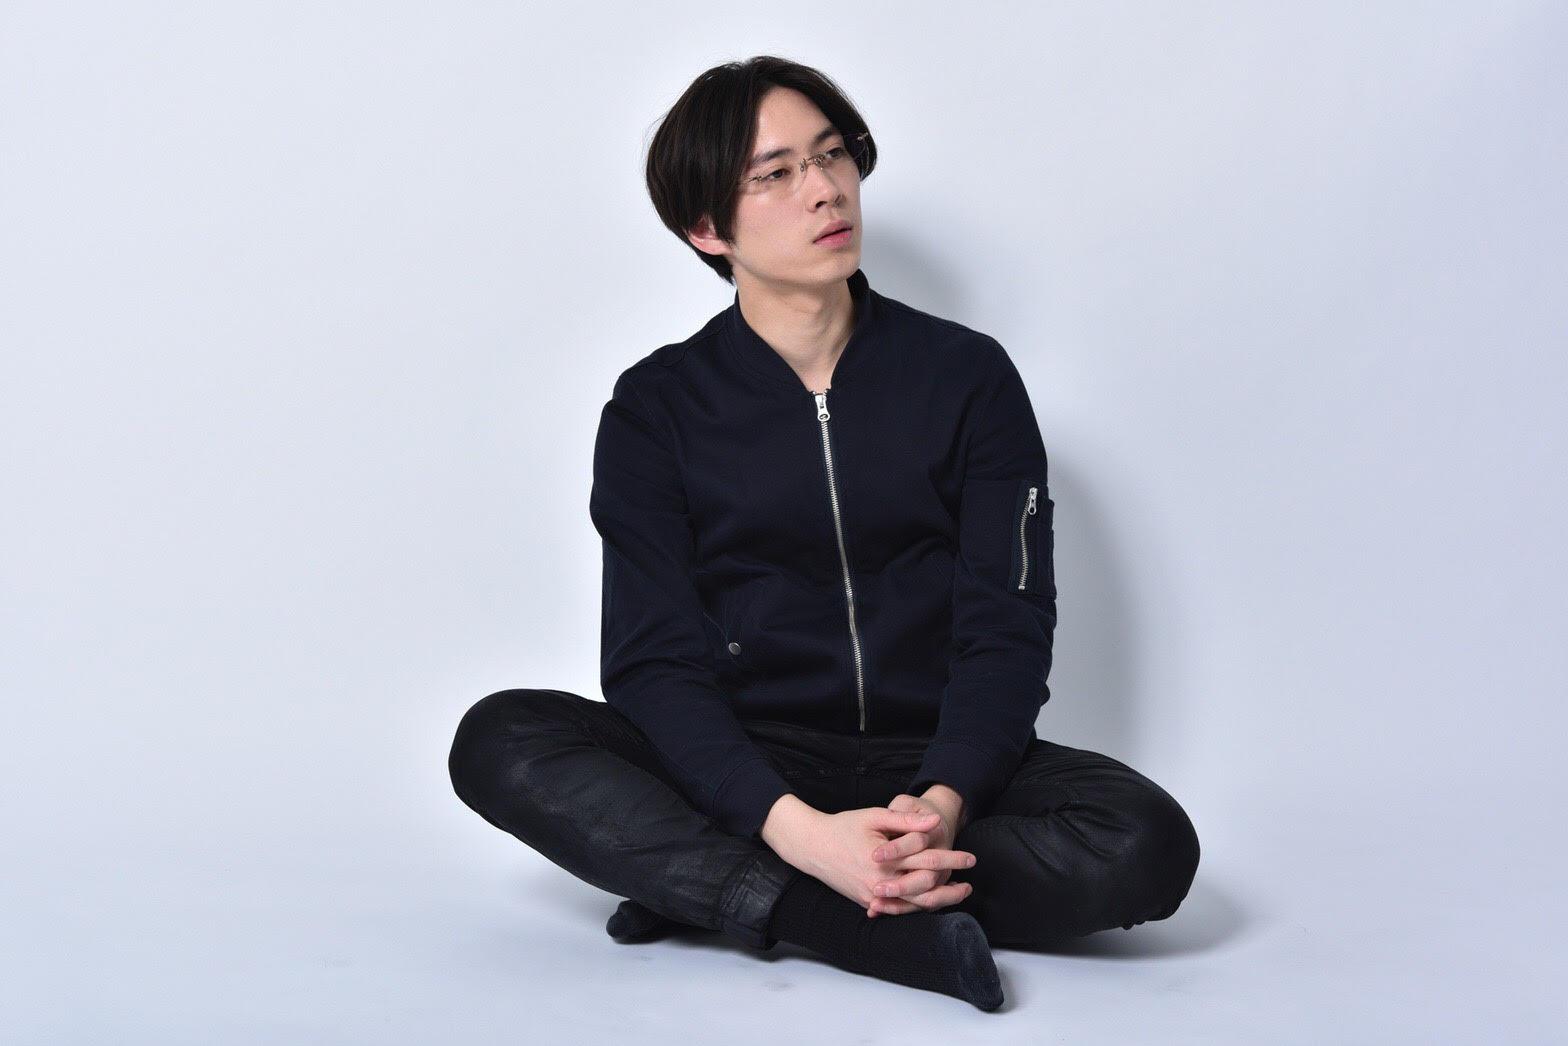 座る榿澤涼太